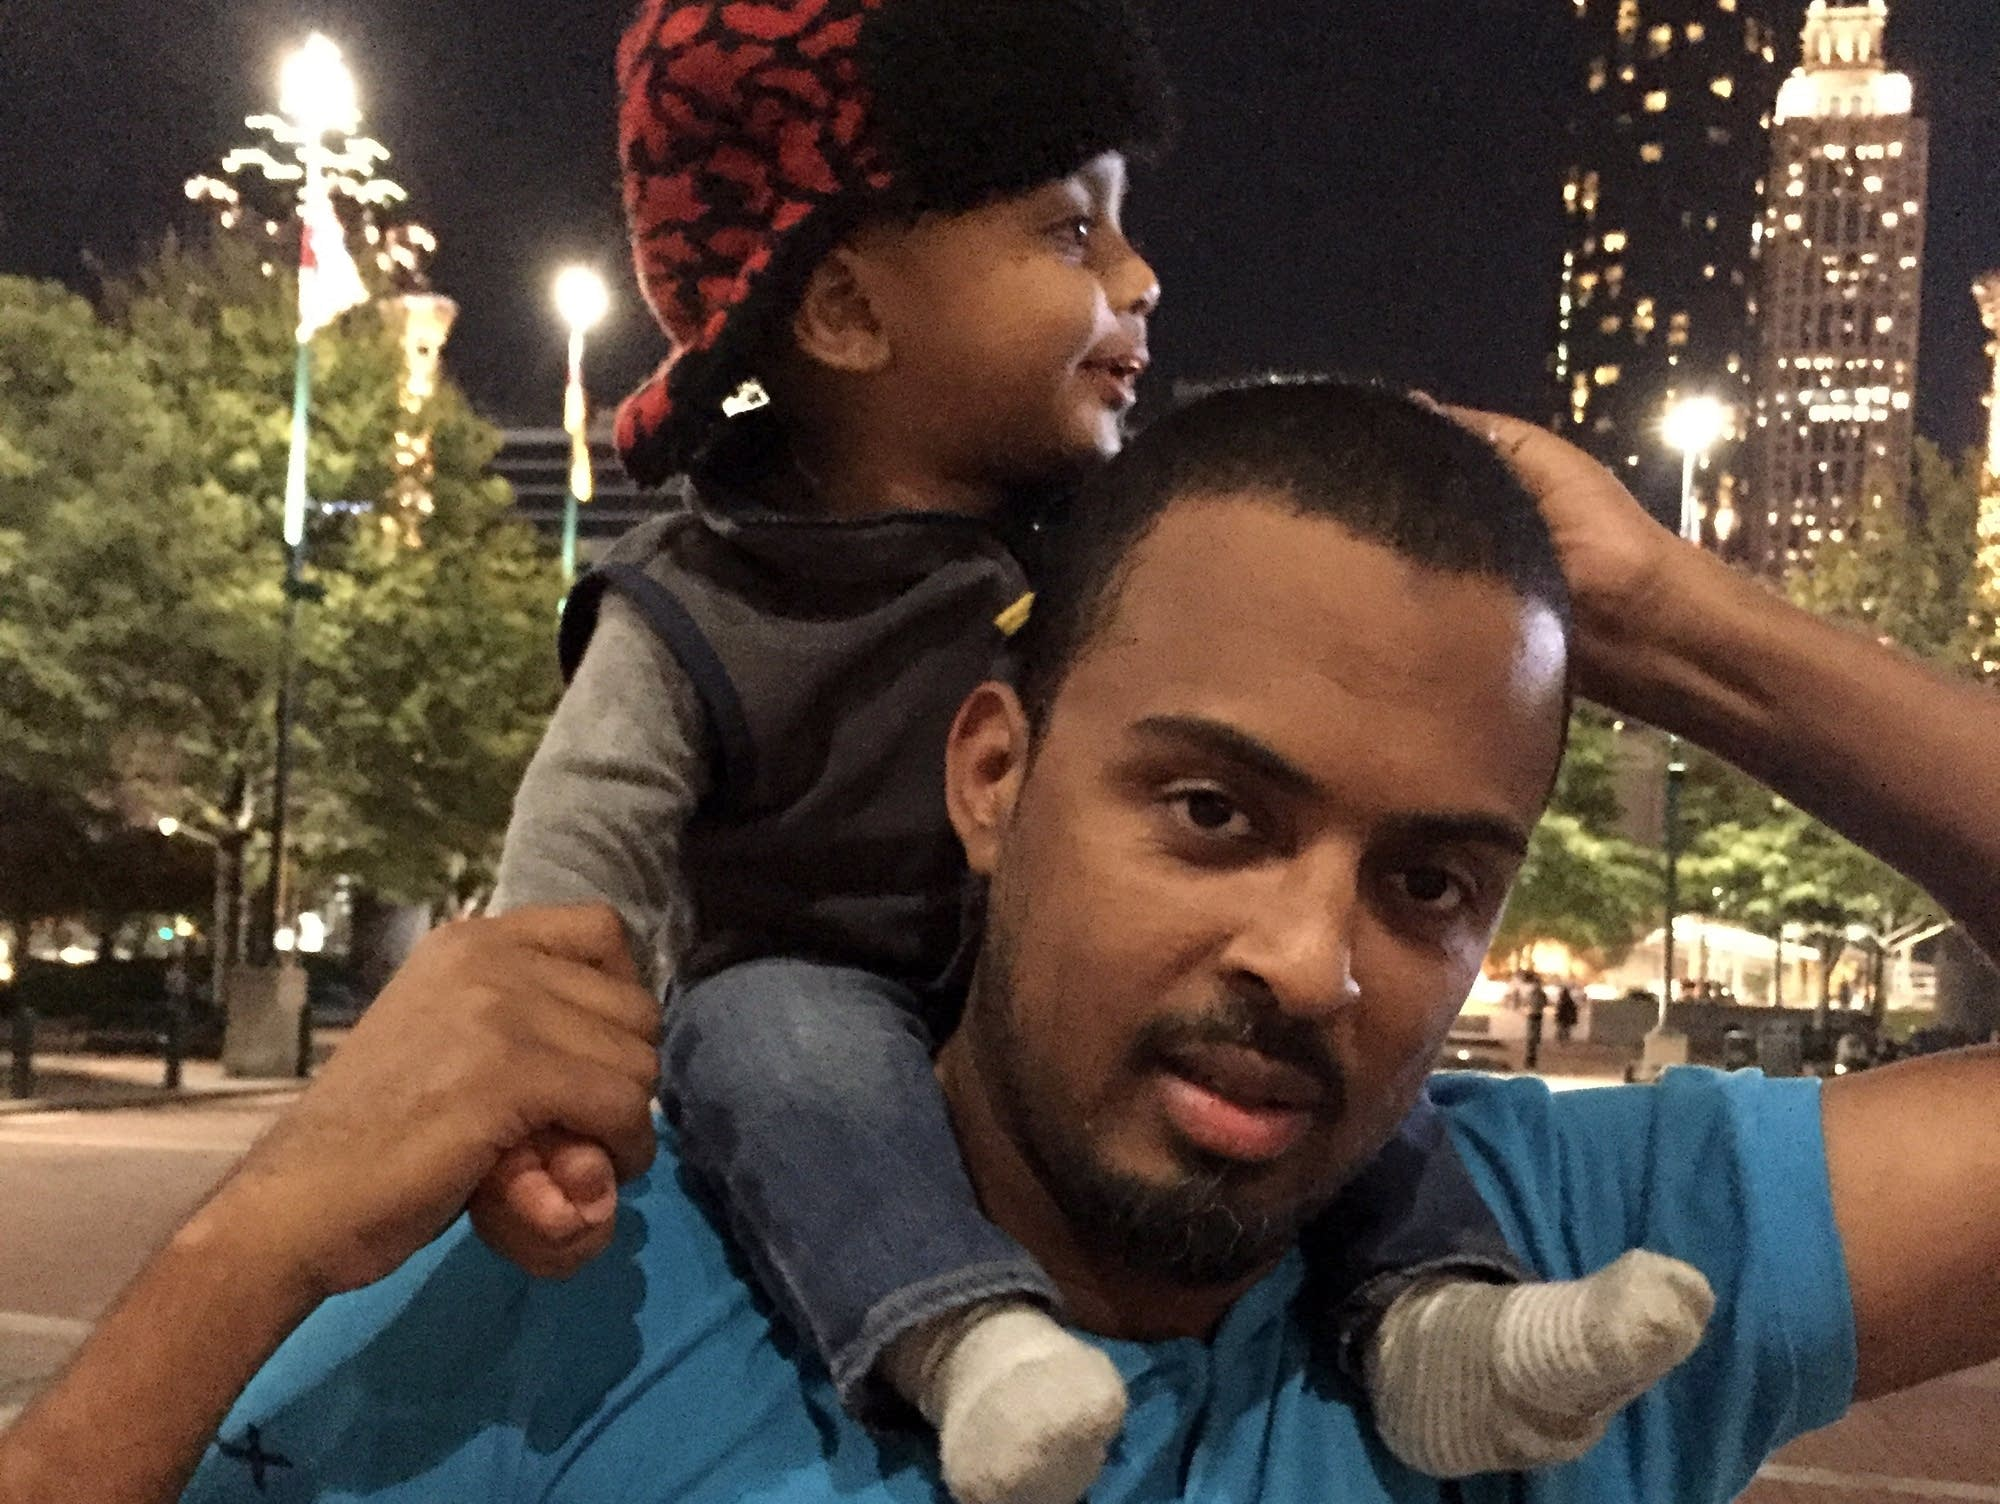 Rahim Mohamed with his son in Atlanta, November 2015.